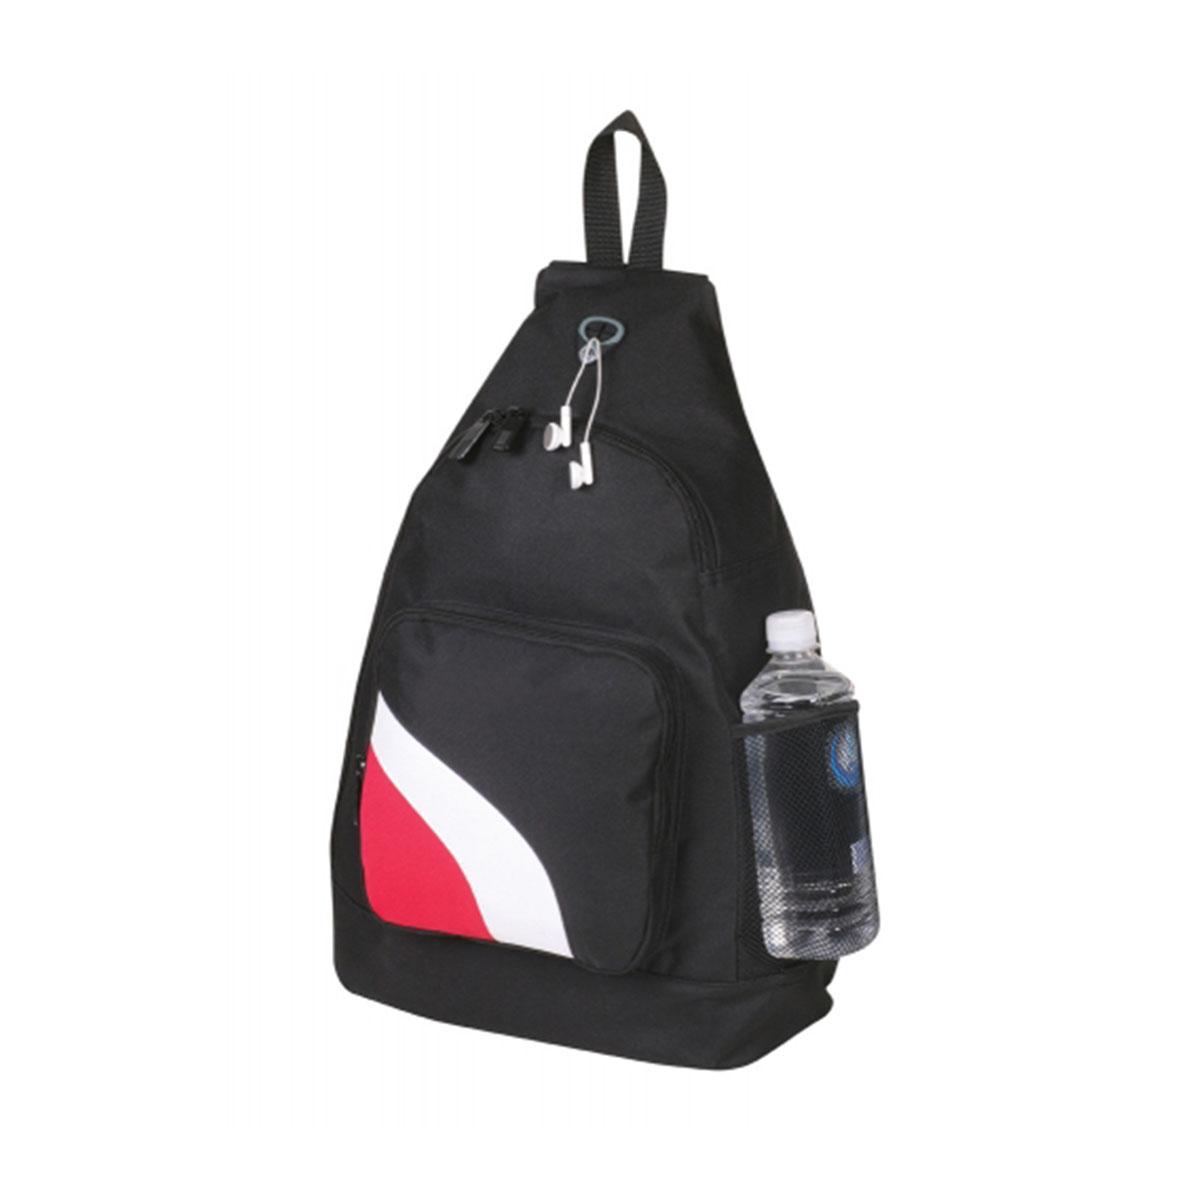 Slingpack-Black / White / Red